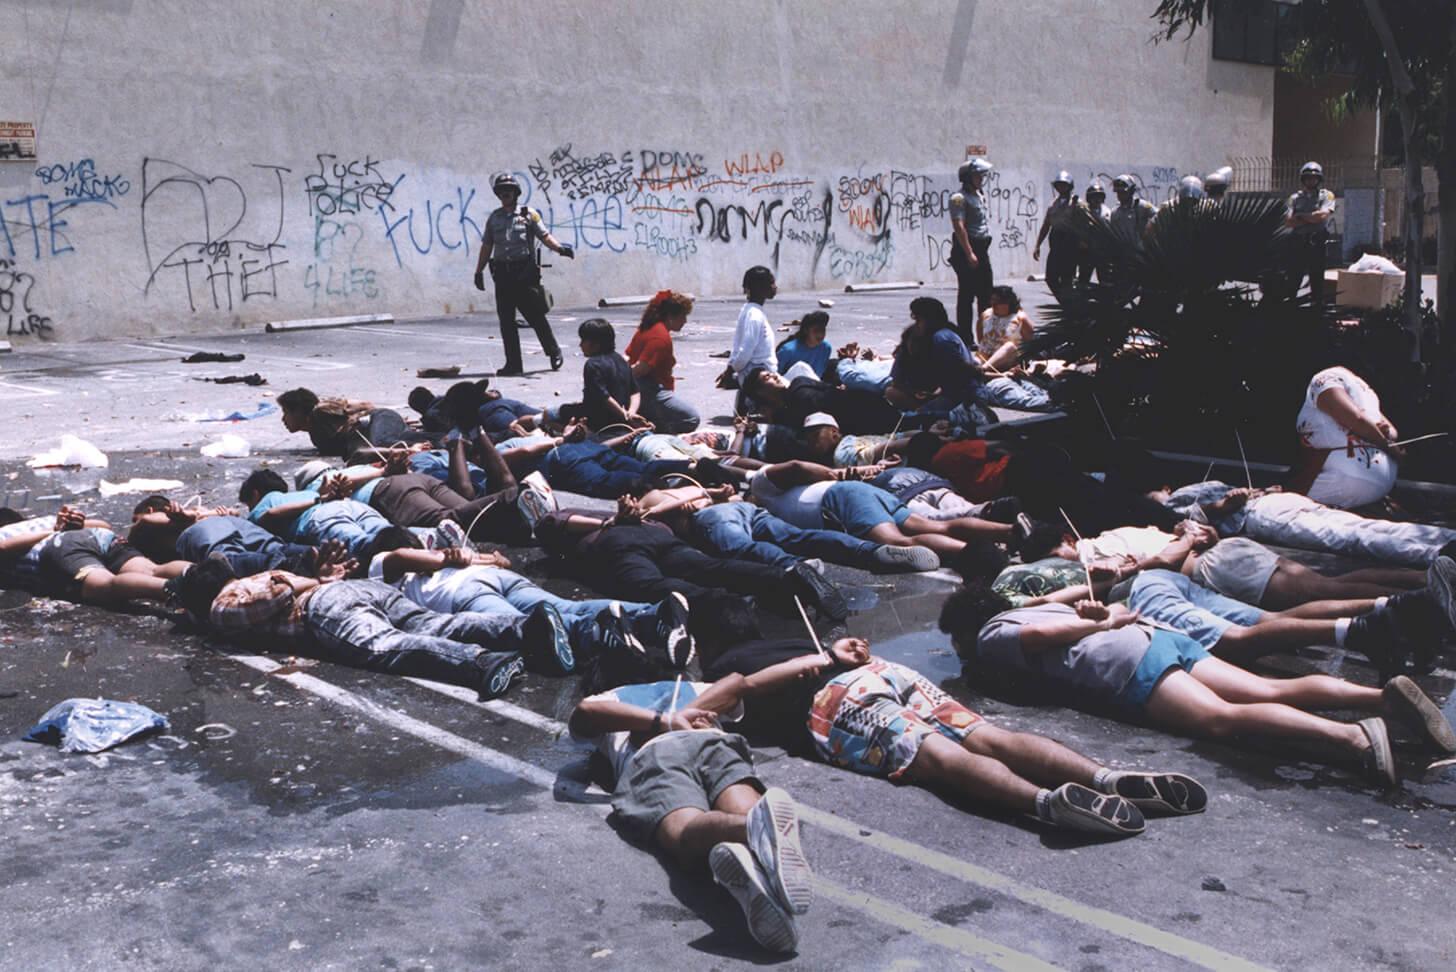 Лос-Анджелесский бунт в 1992 году: немного о демократии